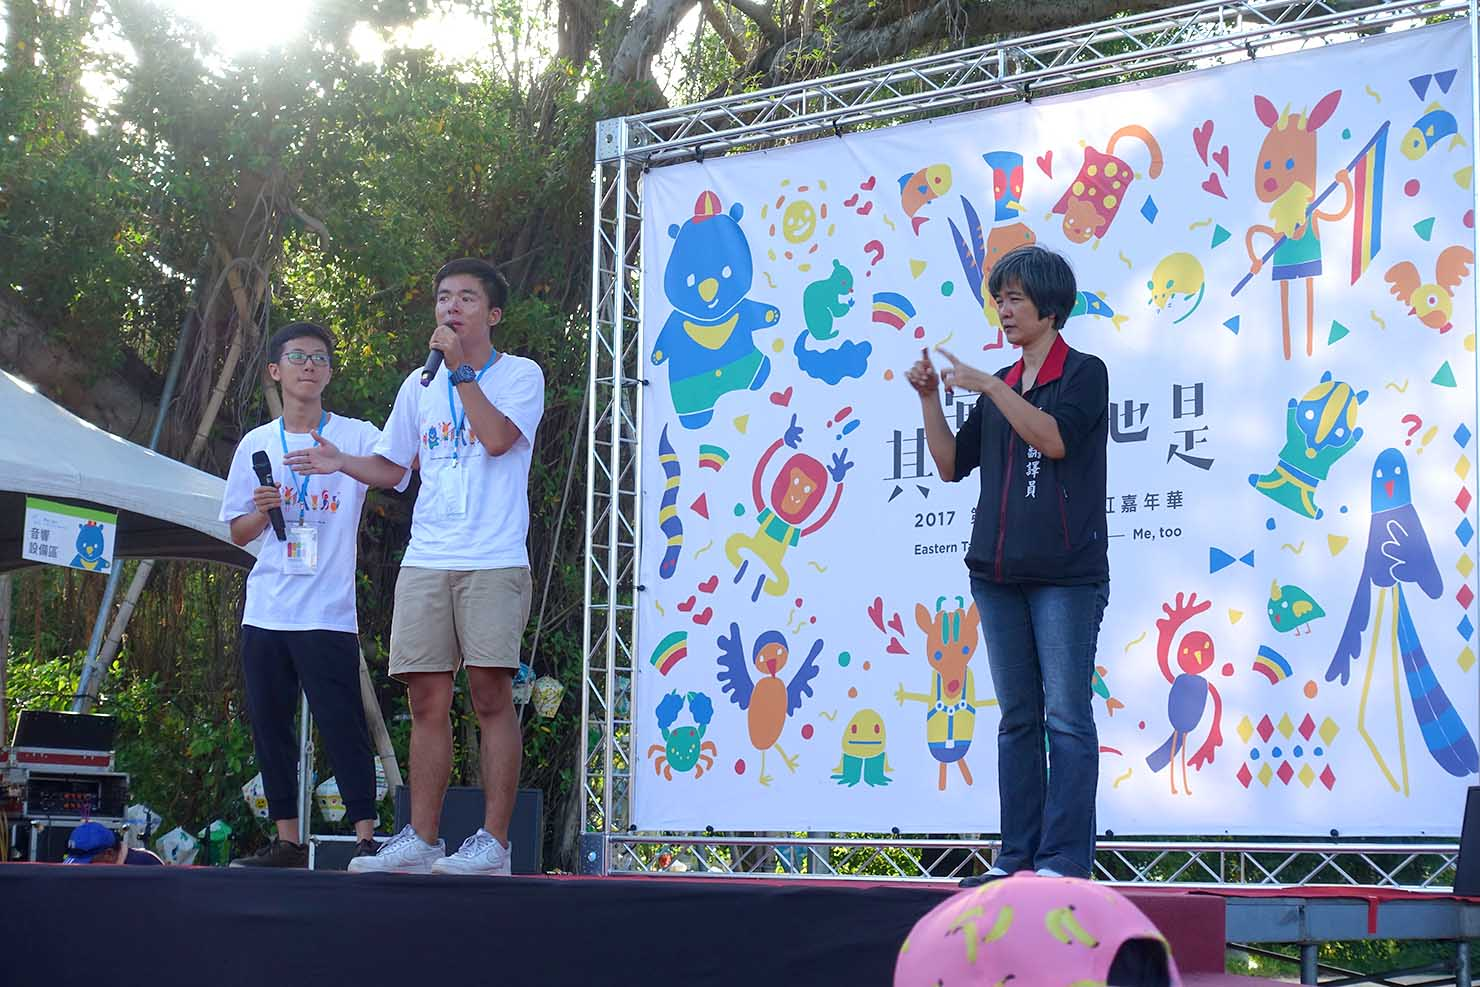 台湾東部のLGBTプライド「花東彩虹嘉年華」パレード後のステージで涙ぐむ主催者